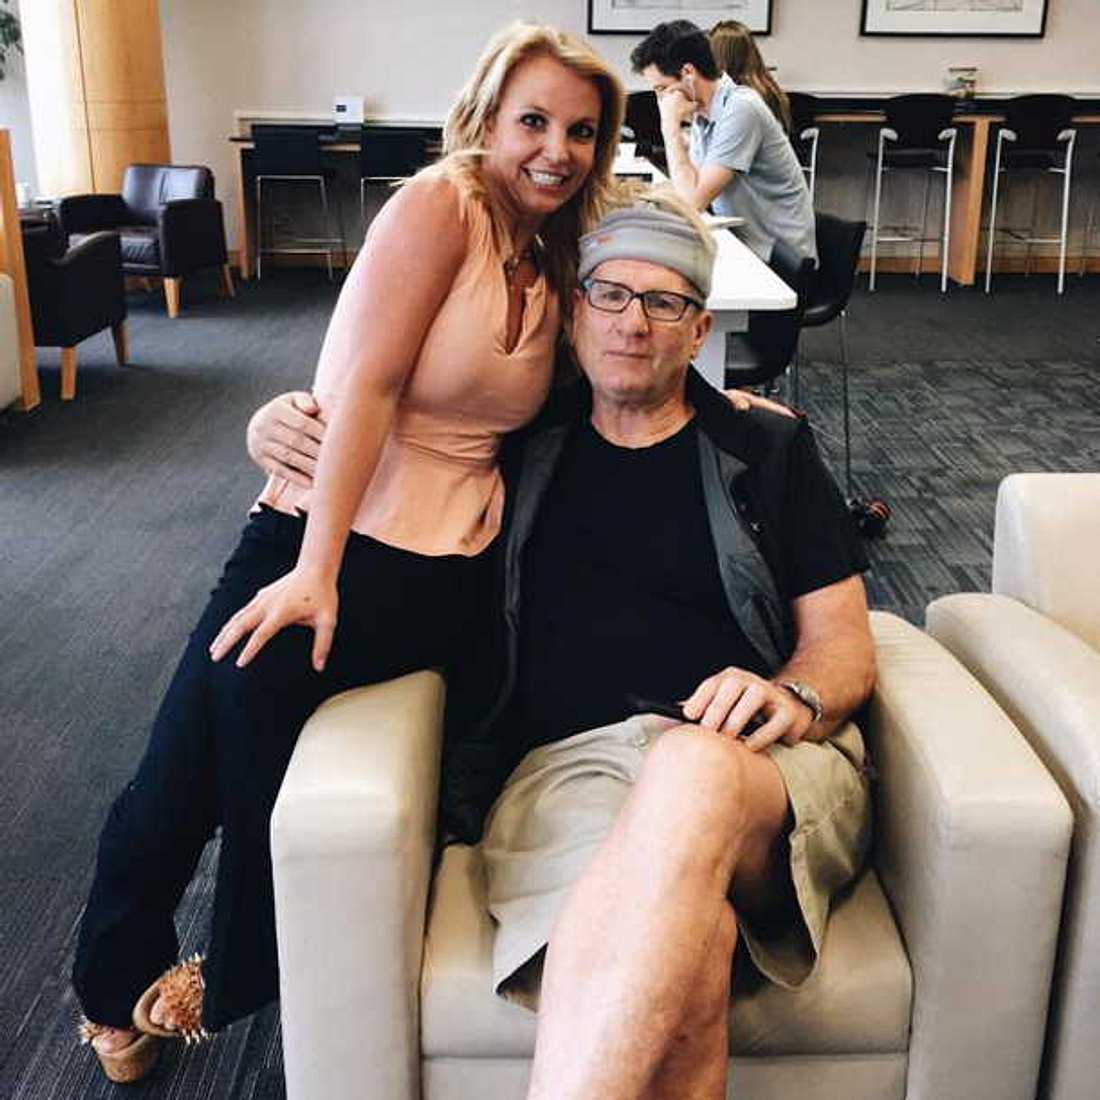 Al Bundy steht auf dem Schlauchl:  Ed O'Neill erkennt Britney Spears nicht!